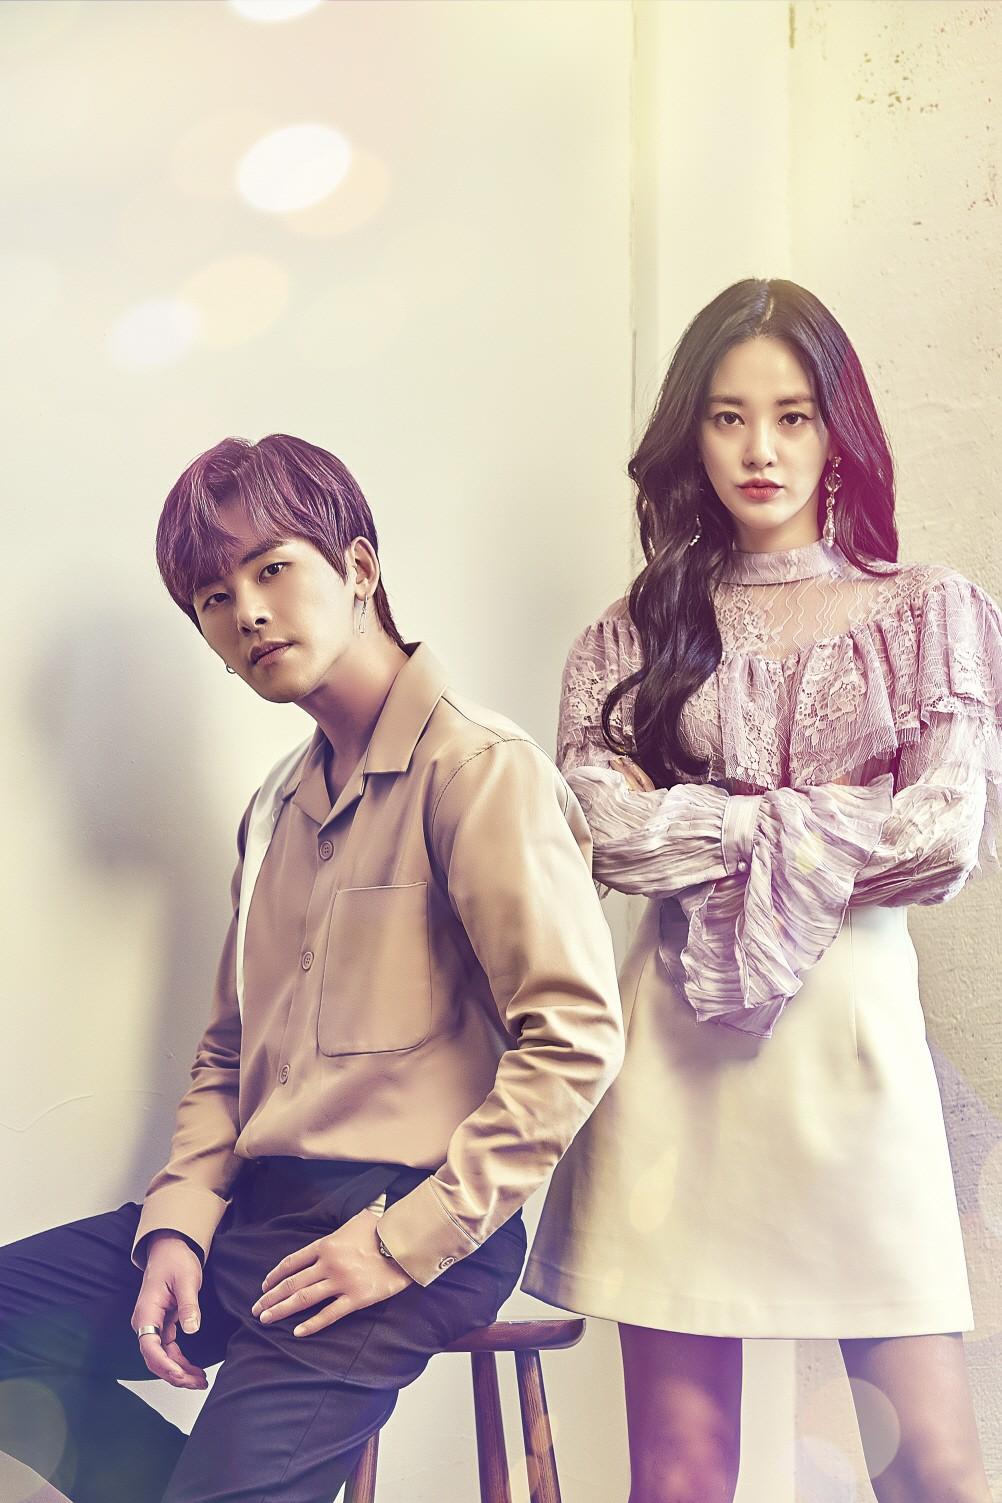 12 phim truyền hình Hàn ồ ạt lên sóng, hứa hẹn tháng 9 này dân tình cày phim sấp mặt (Phần 1) - Ảnh 3.